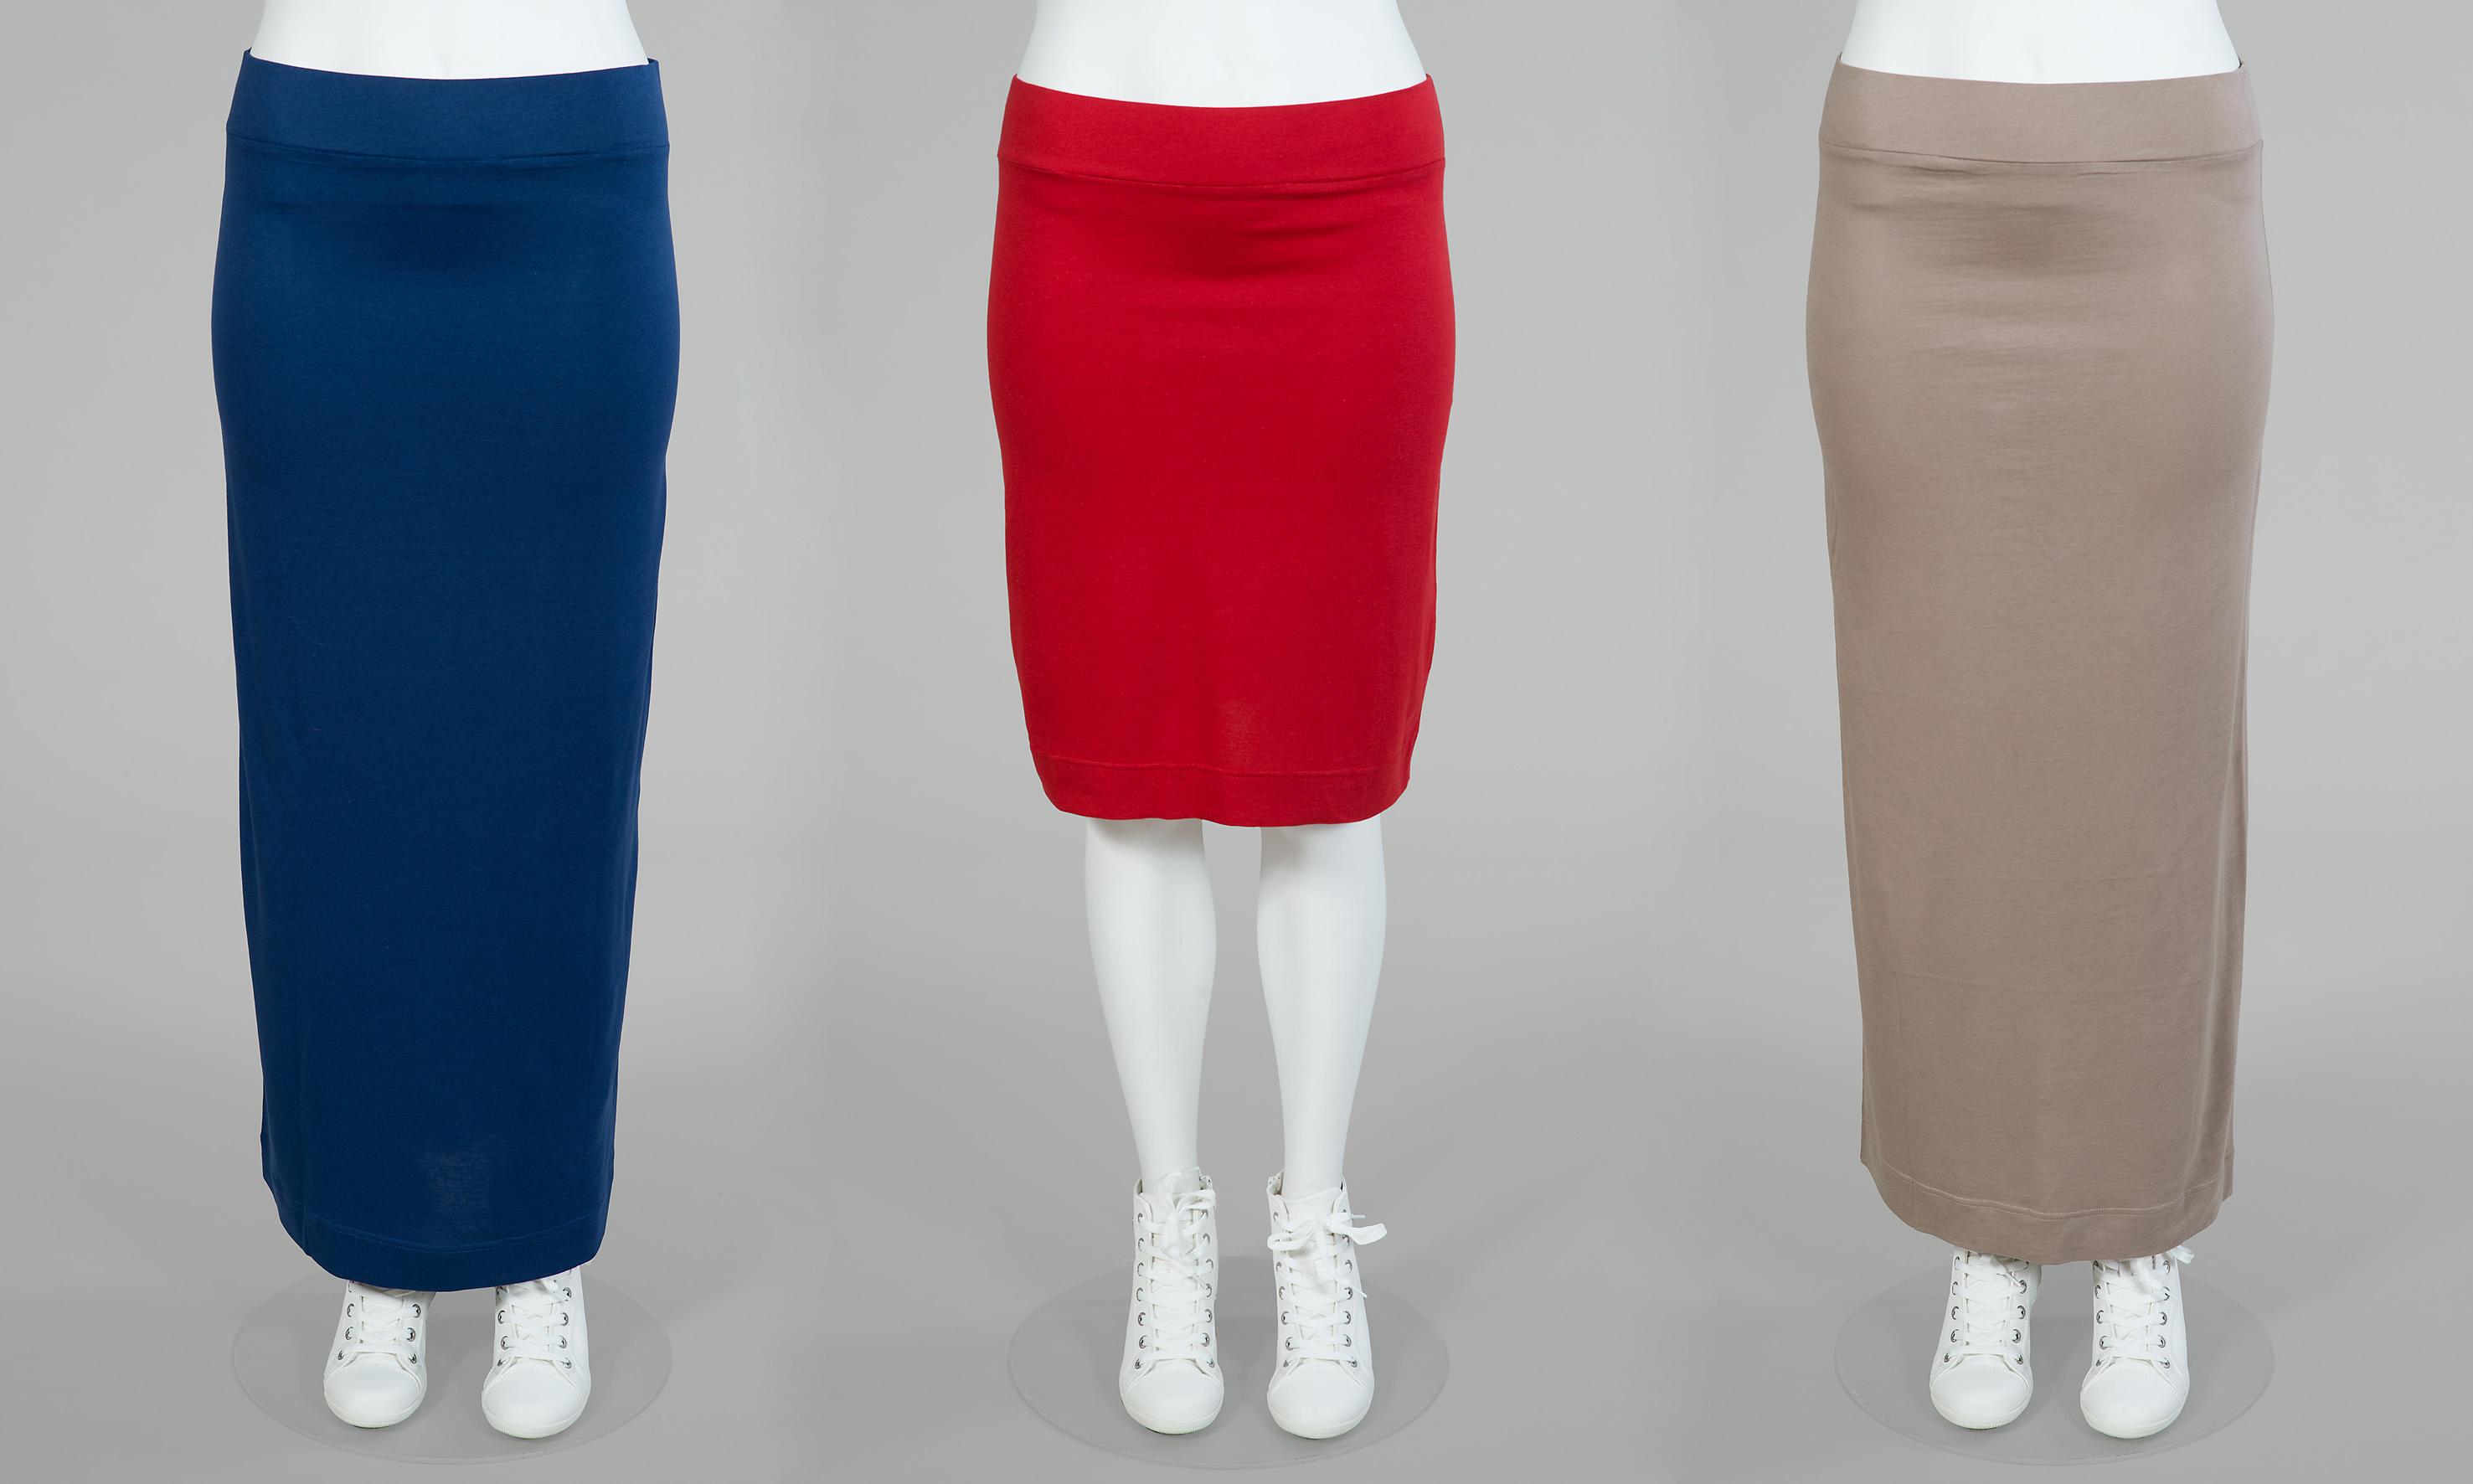 Paris kjol kort och lång. Finns i svart/vit, grön/vit, röd, blå och beige.  Värde 349:-/399:-